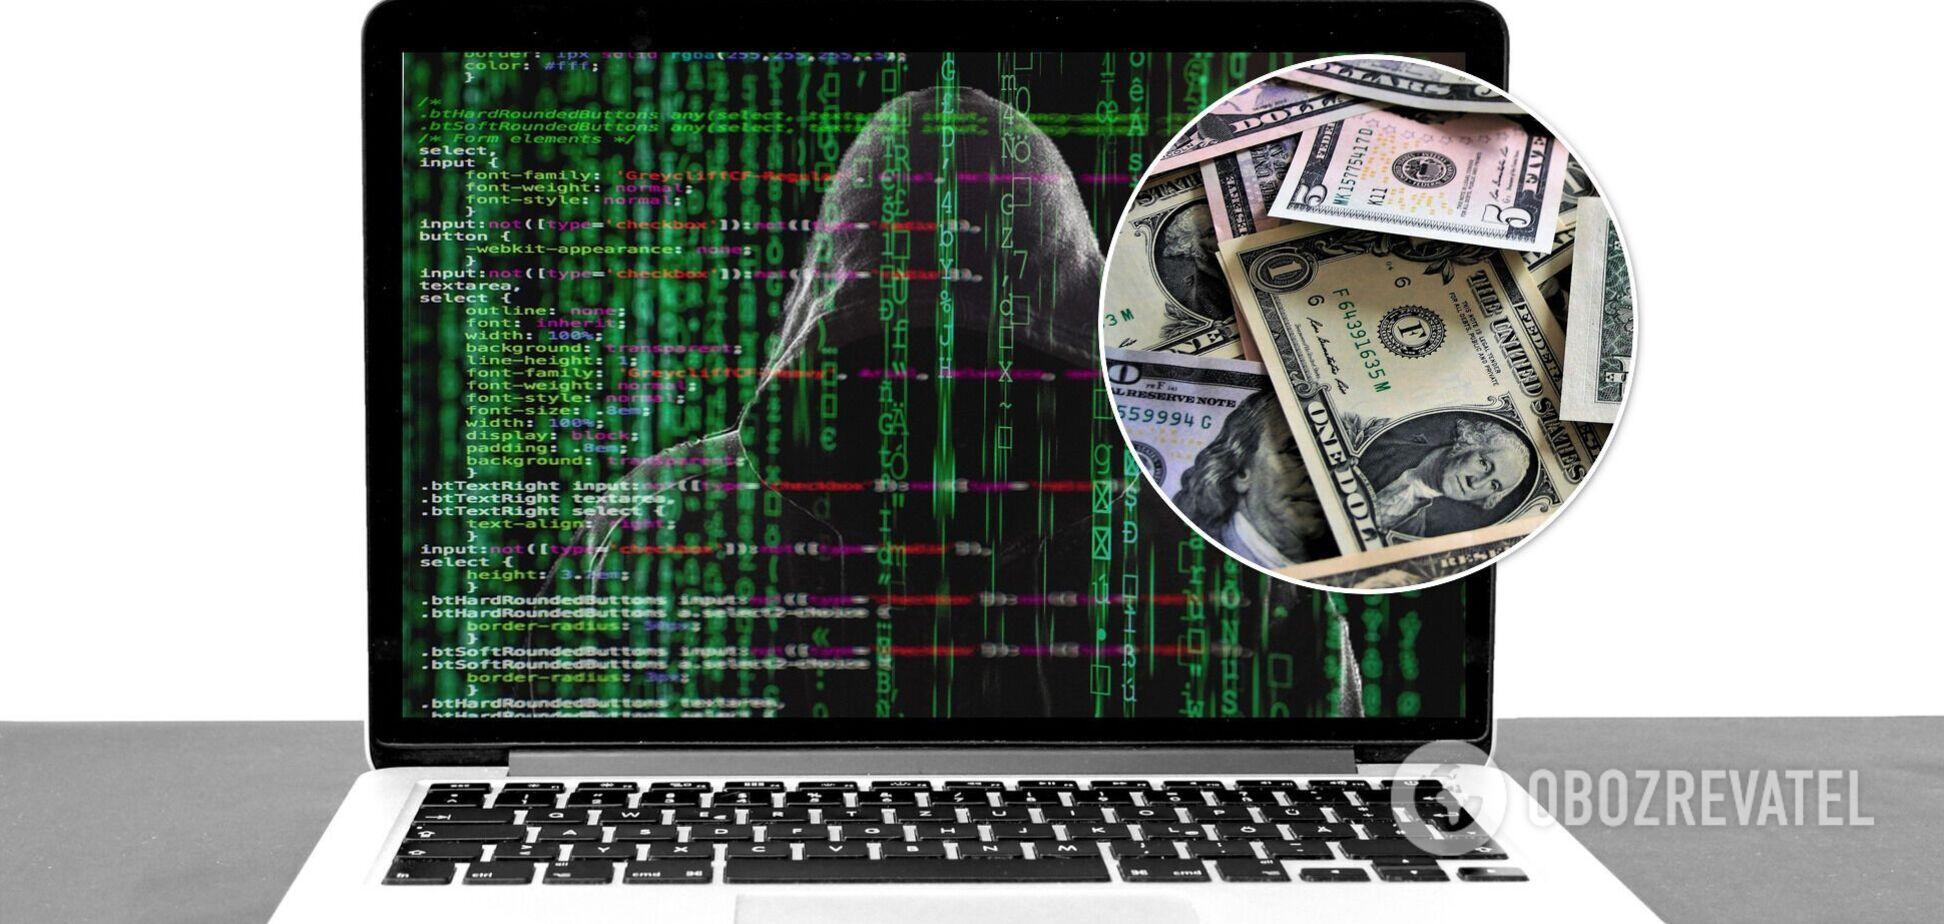 JBS сплатив хакерам $11 млн